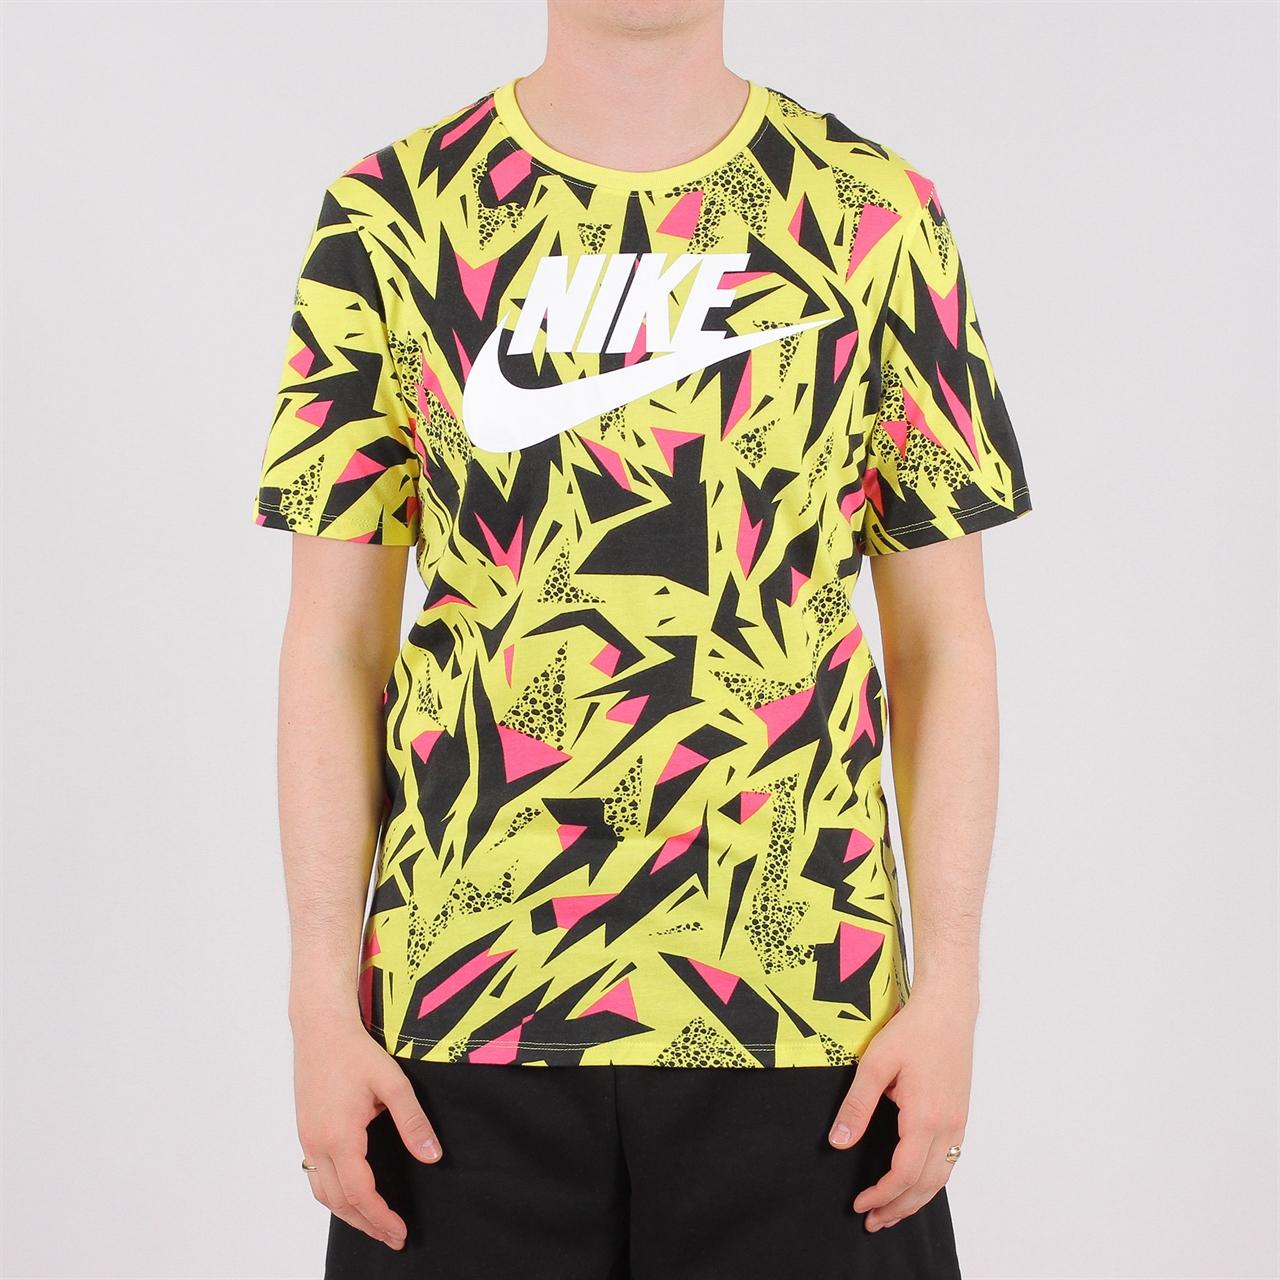 6f3a7af1 Nike Sportswear AOP 90s Tee (AQ4391-740) - Shelta